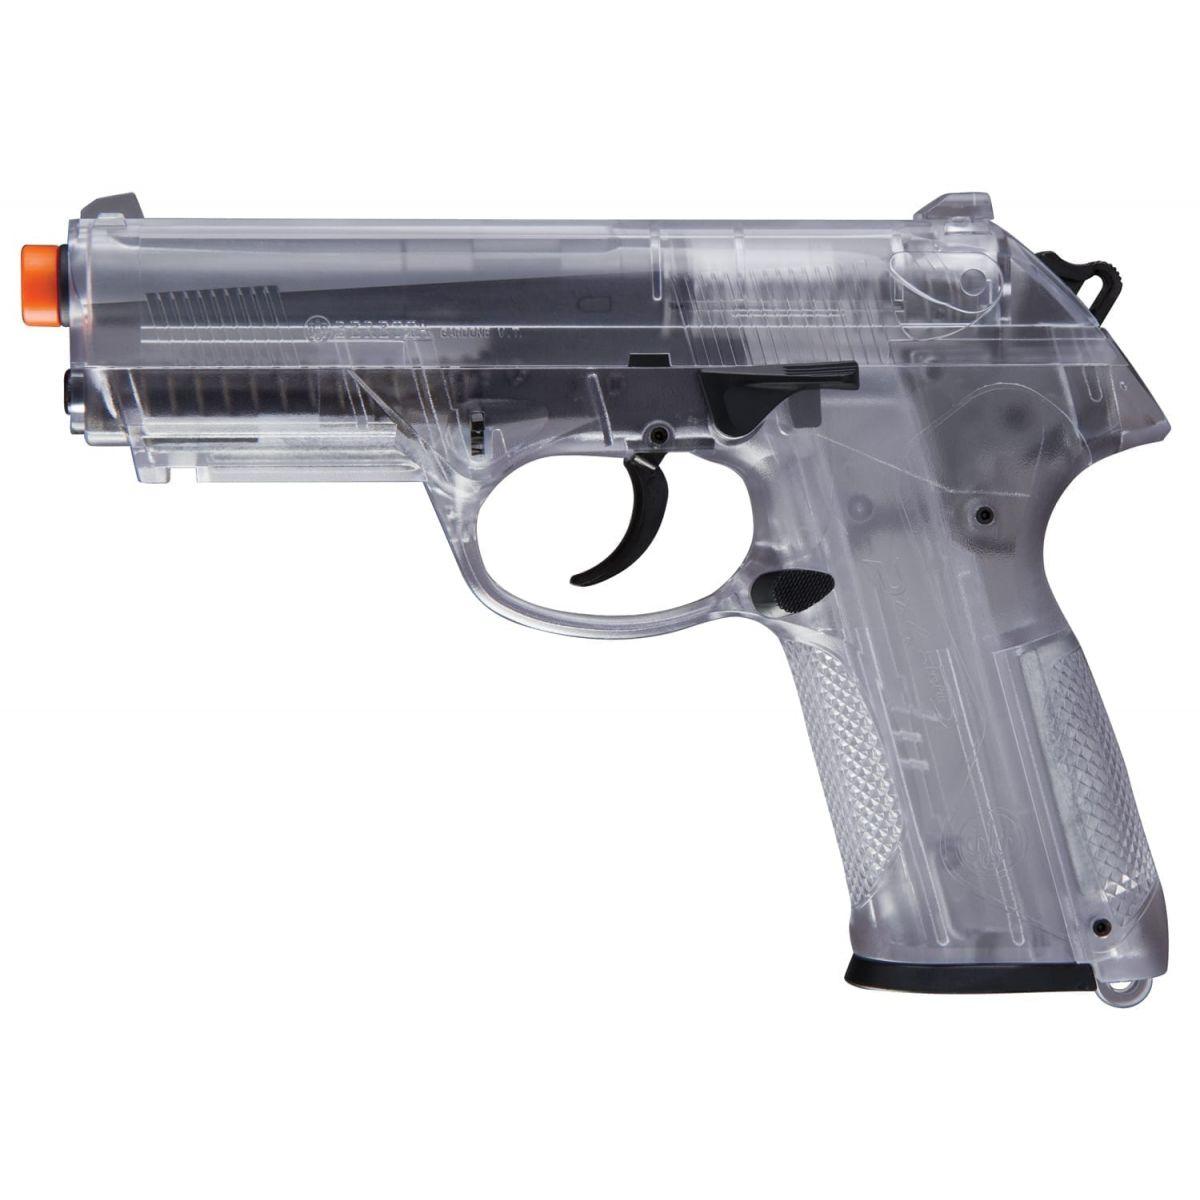 Beretta Px4 Storm Clear 2274021 ls